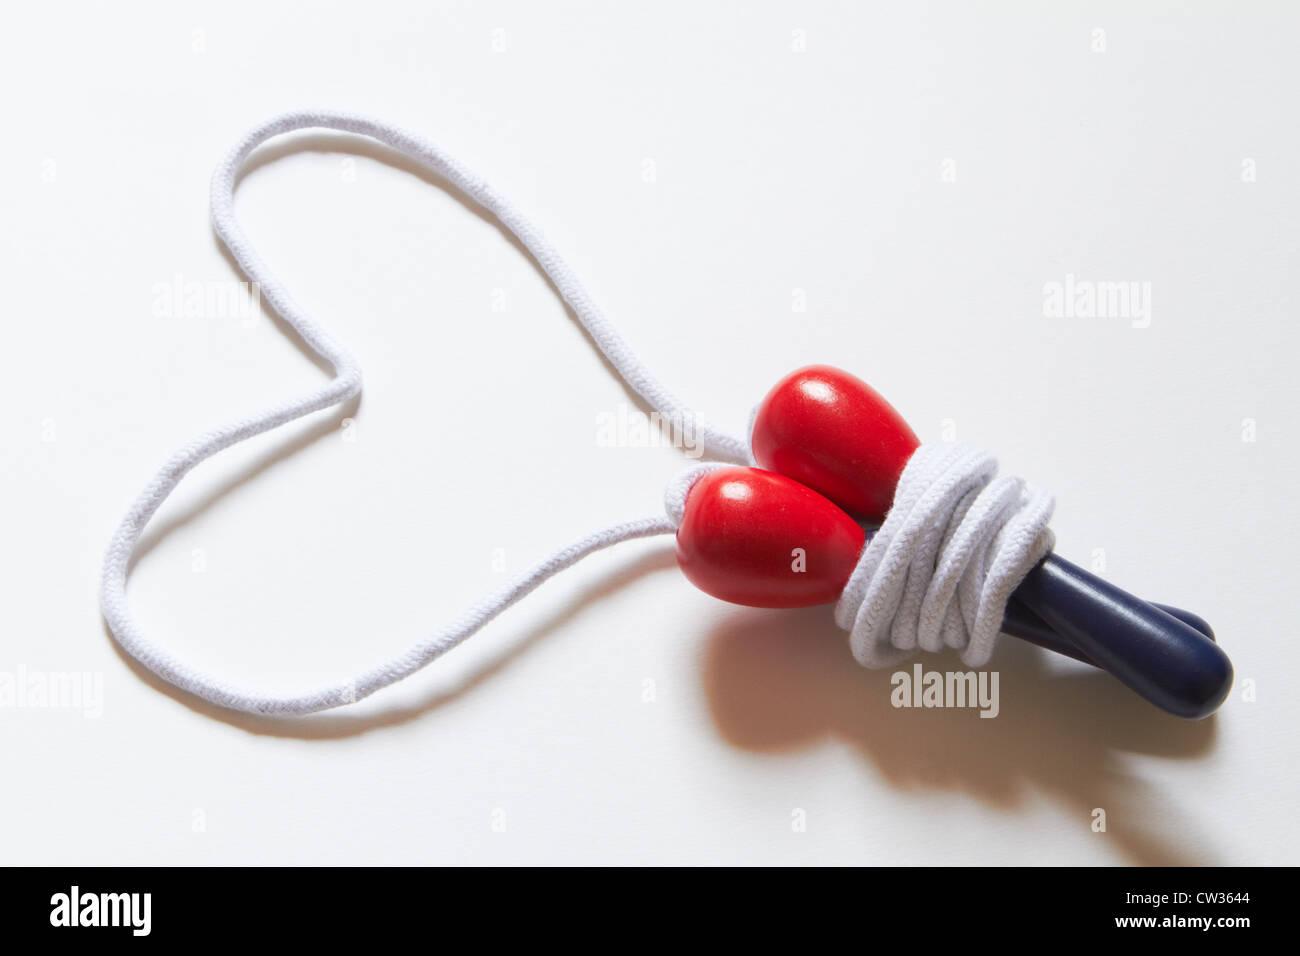 Springseil mit Seil In Form von Herzen Stockbild